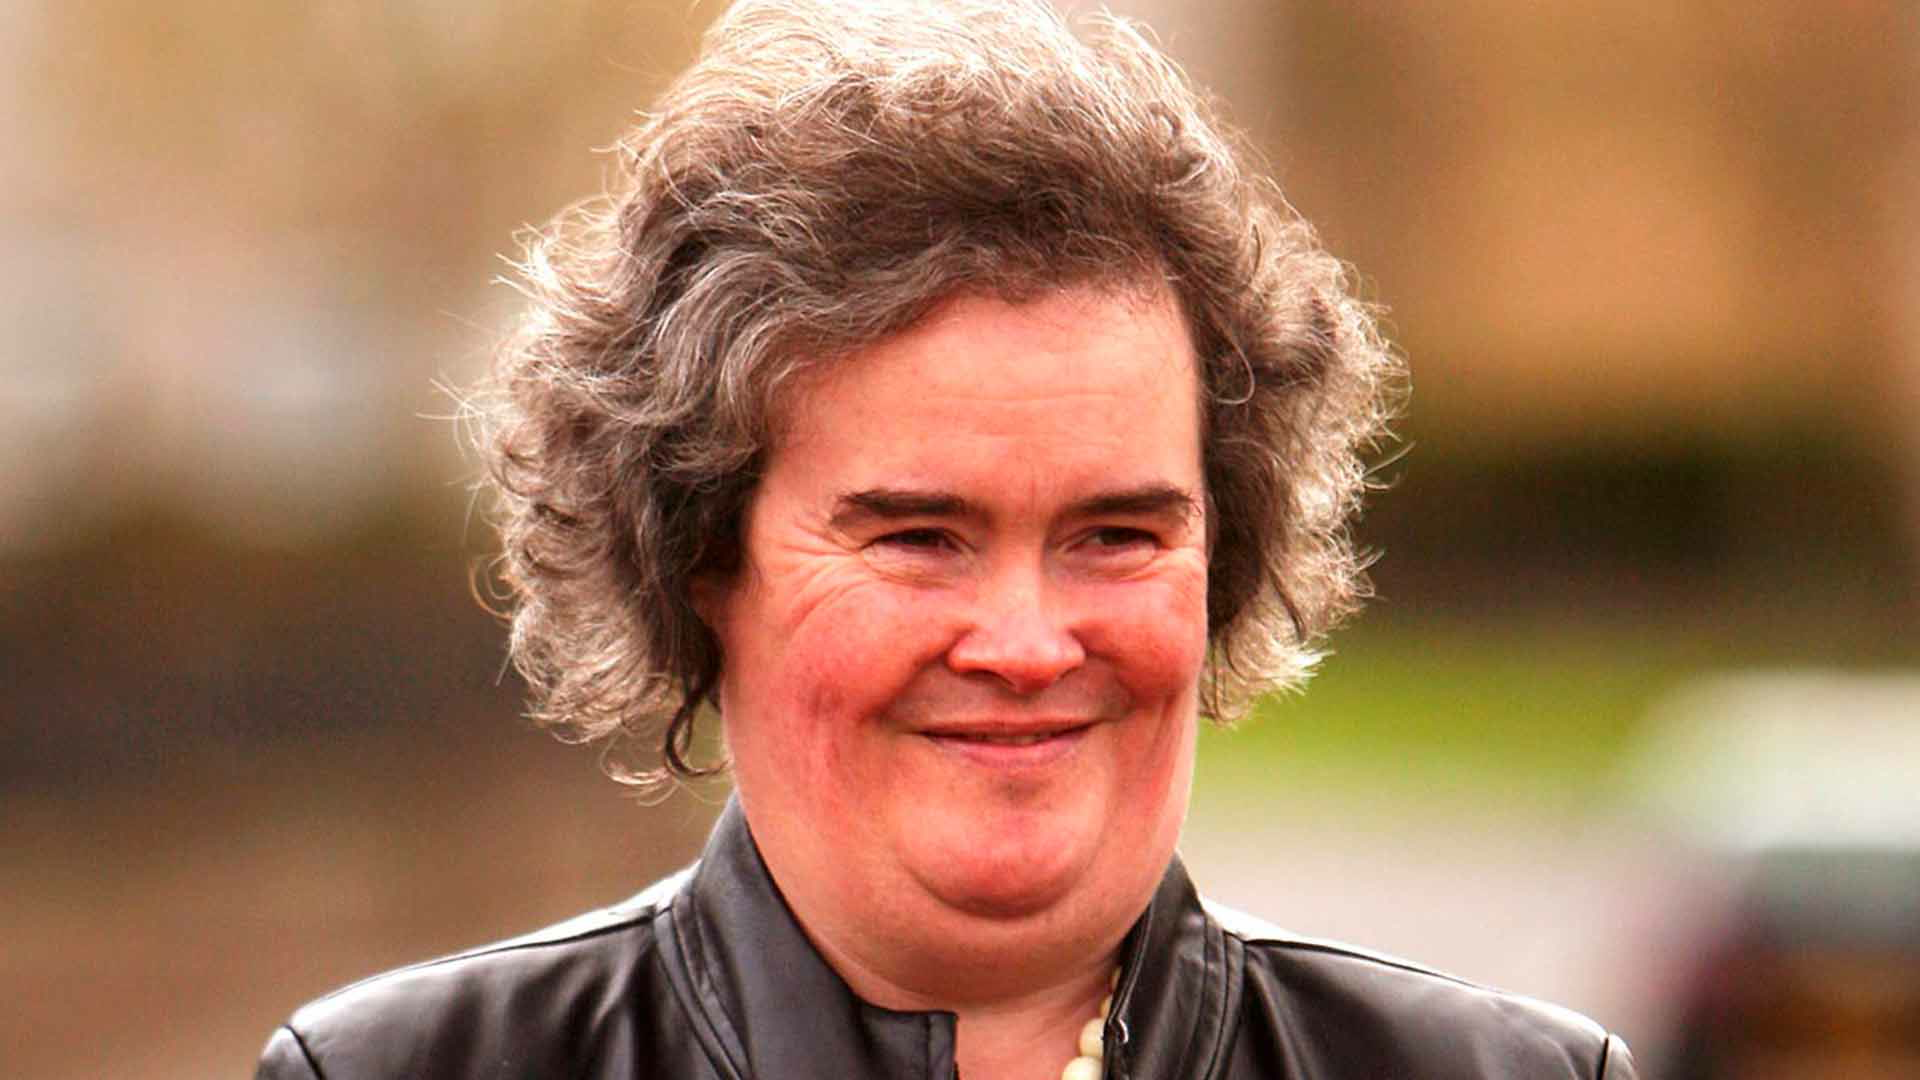 El gran cambio de Susan Boyle diez años después de arrasar en 'Got Talent'